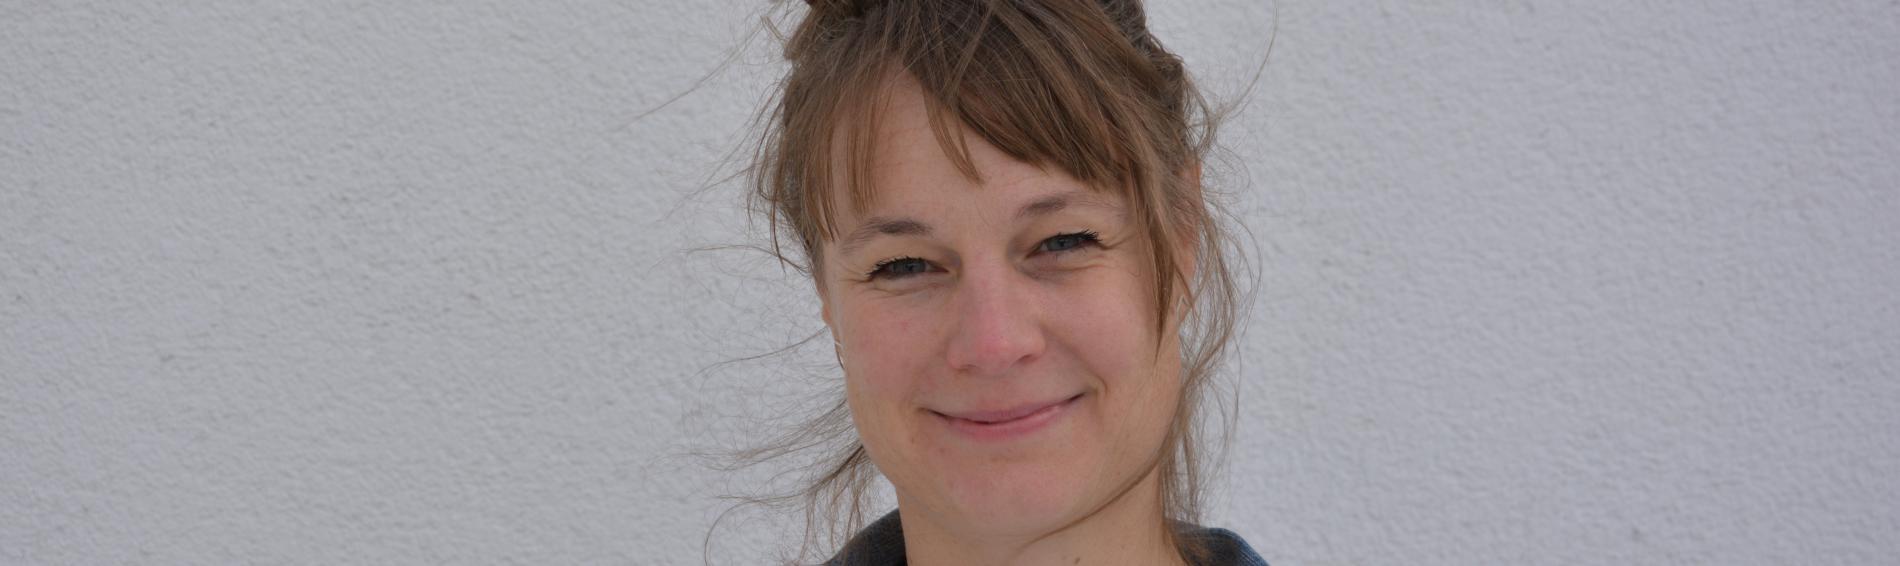 Christiane Borup, Leiterin Inlandsprogramme. Foto: Ärzte der Welt